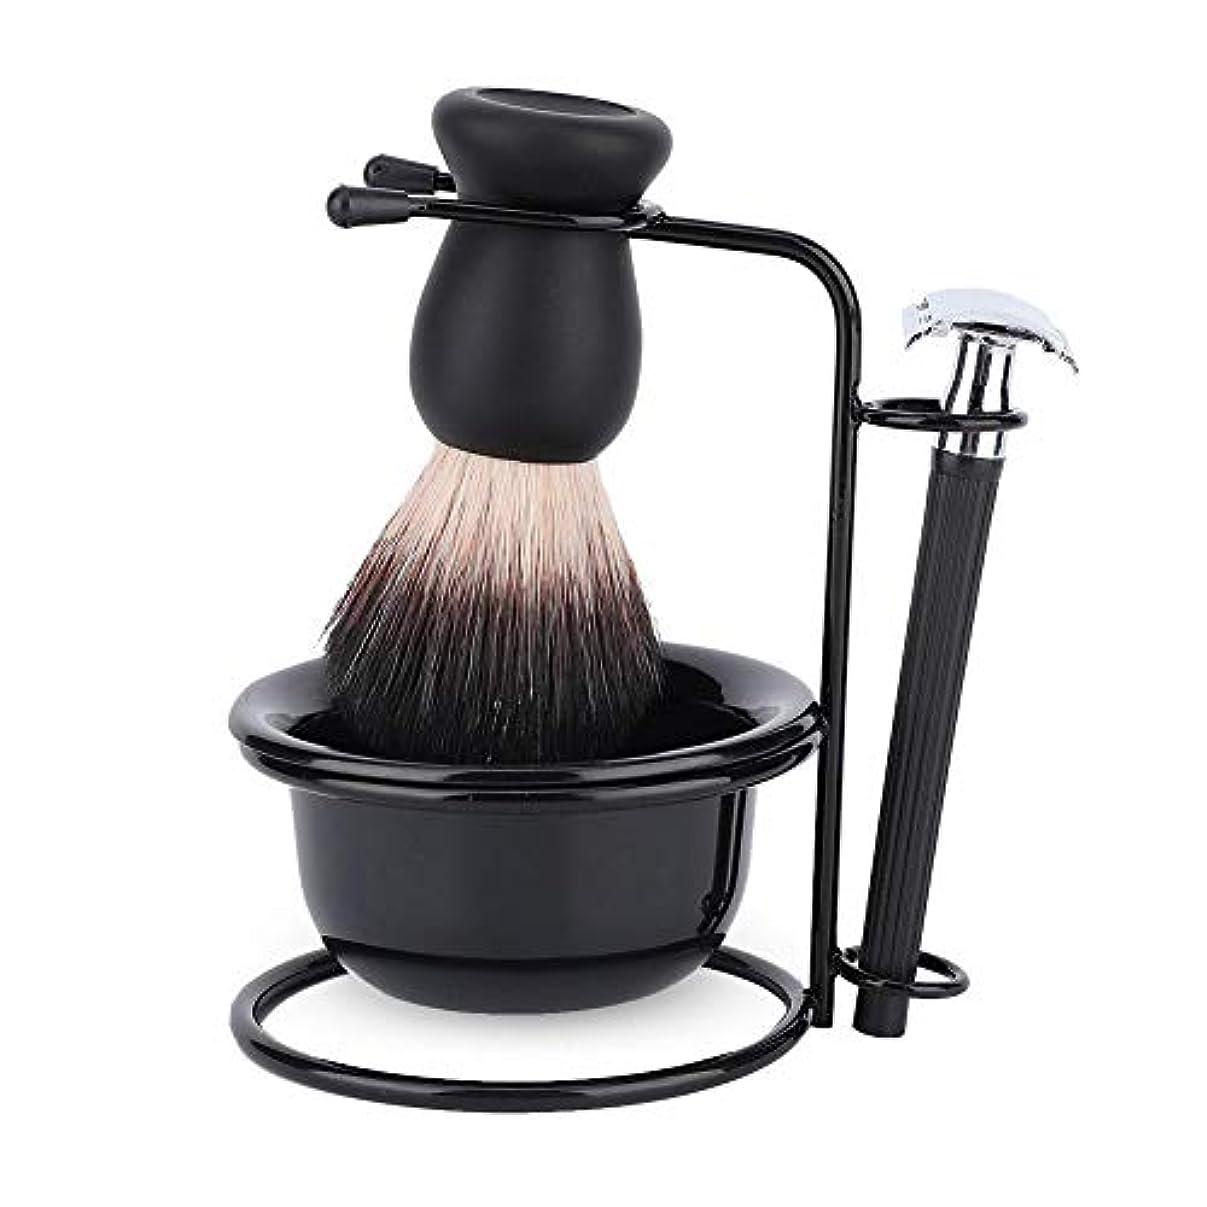 疲労メイエラ静けさシェービングブラシセット ホルダー 剃刀 カミソリ プレゼント 洗顔 髭剃り 柔らかい毛 泡立ち メンズ